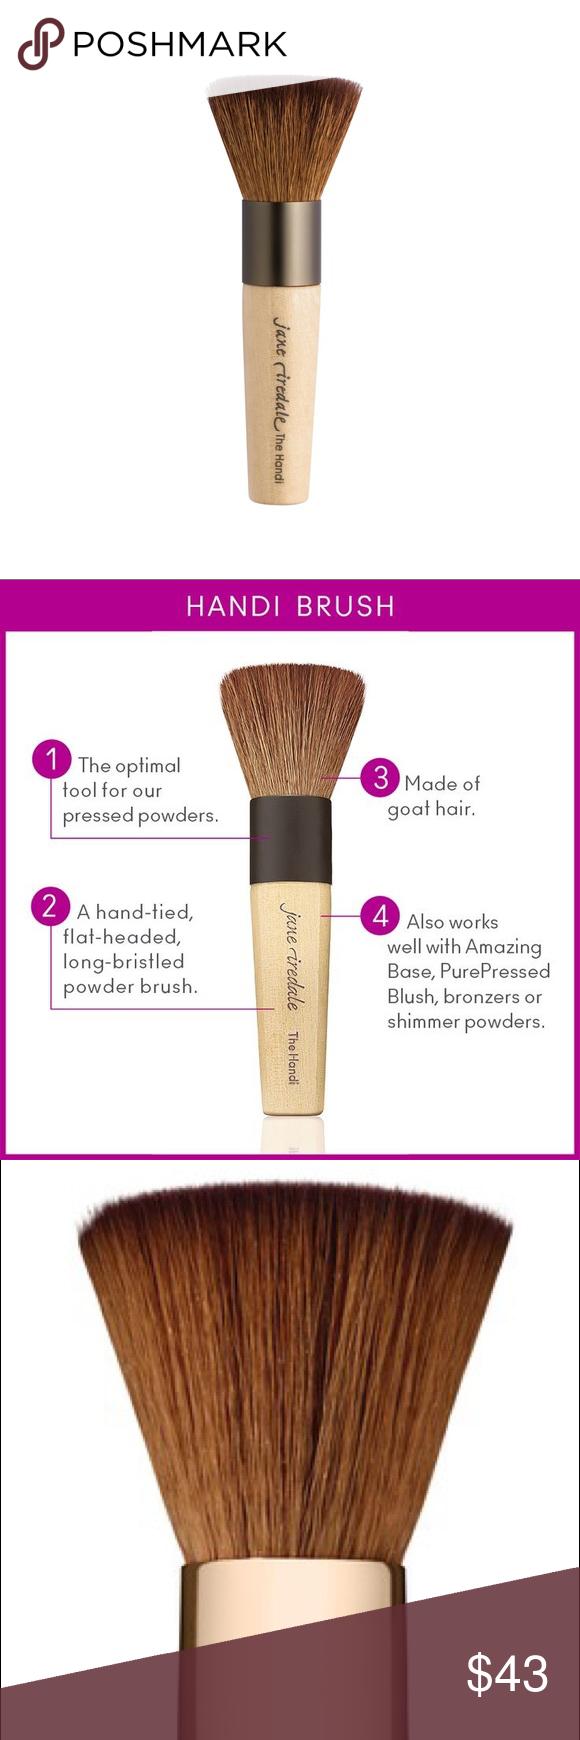 HP💕 HANDI Brush Jane Iredale Sephora makeup brushes